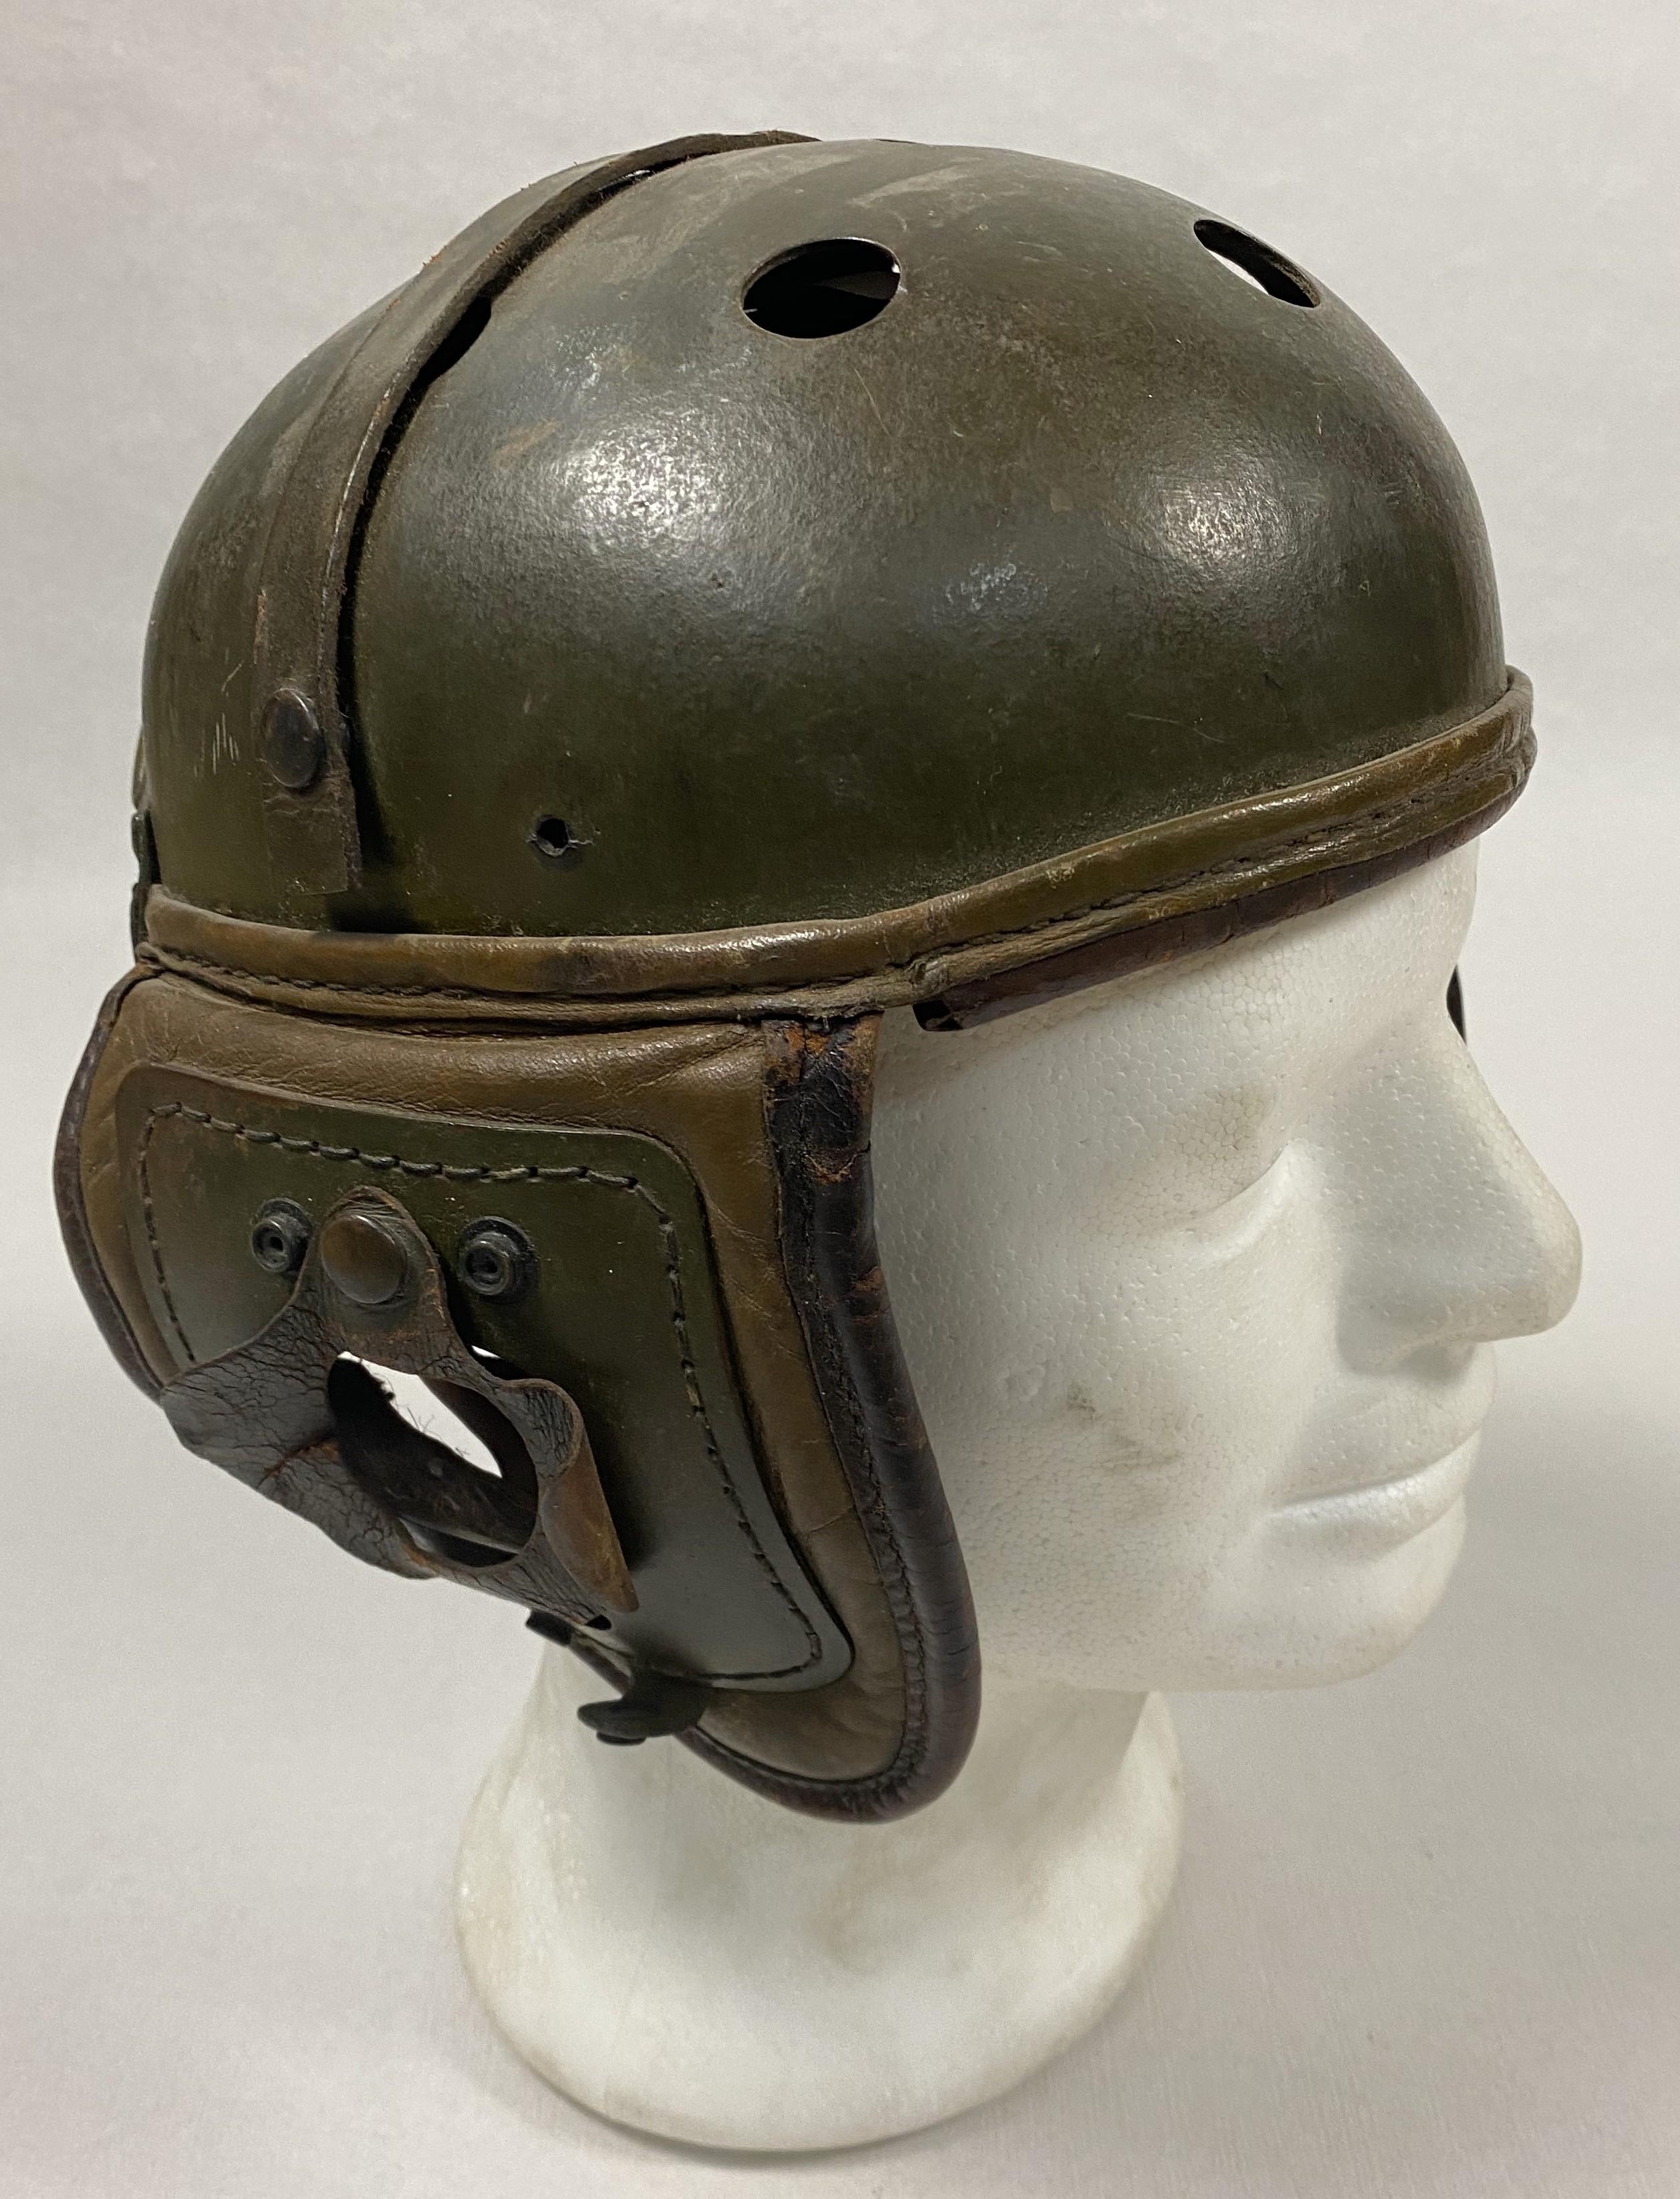 CU-HELMET TANK M38 WWII